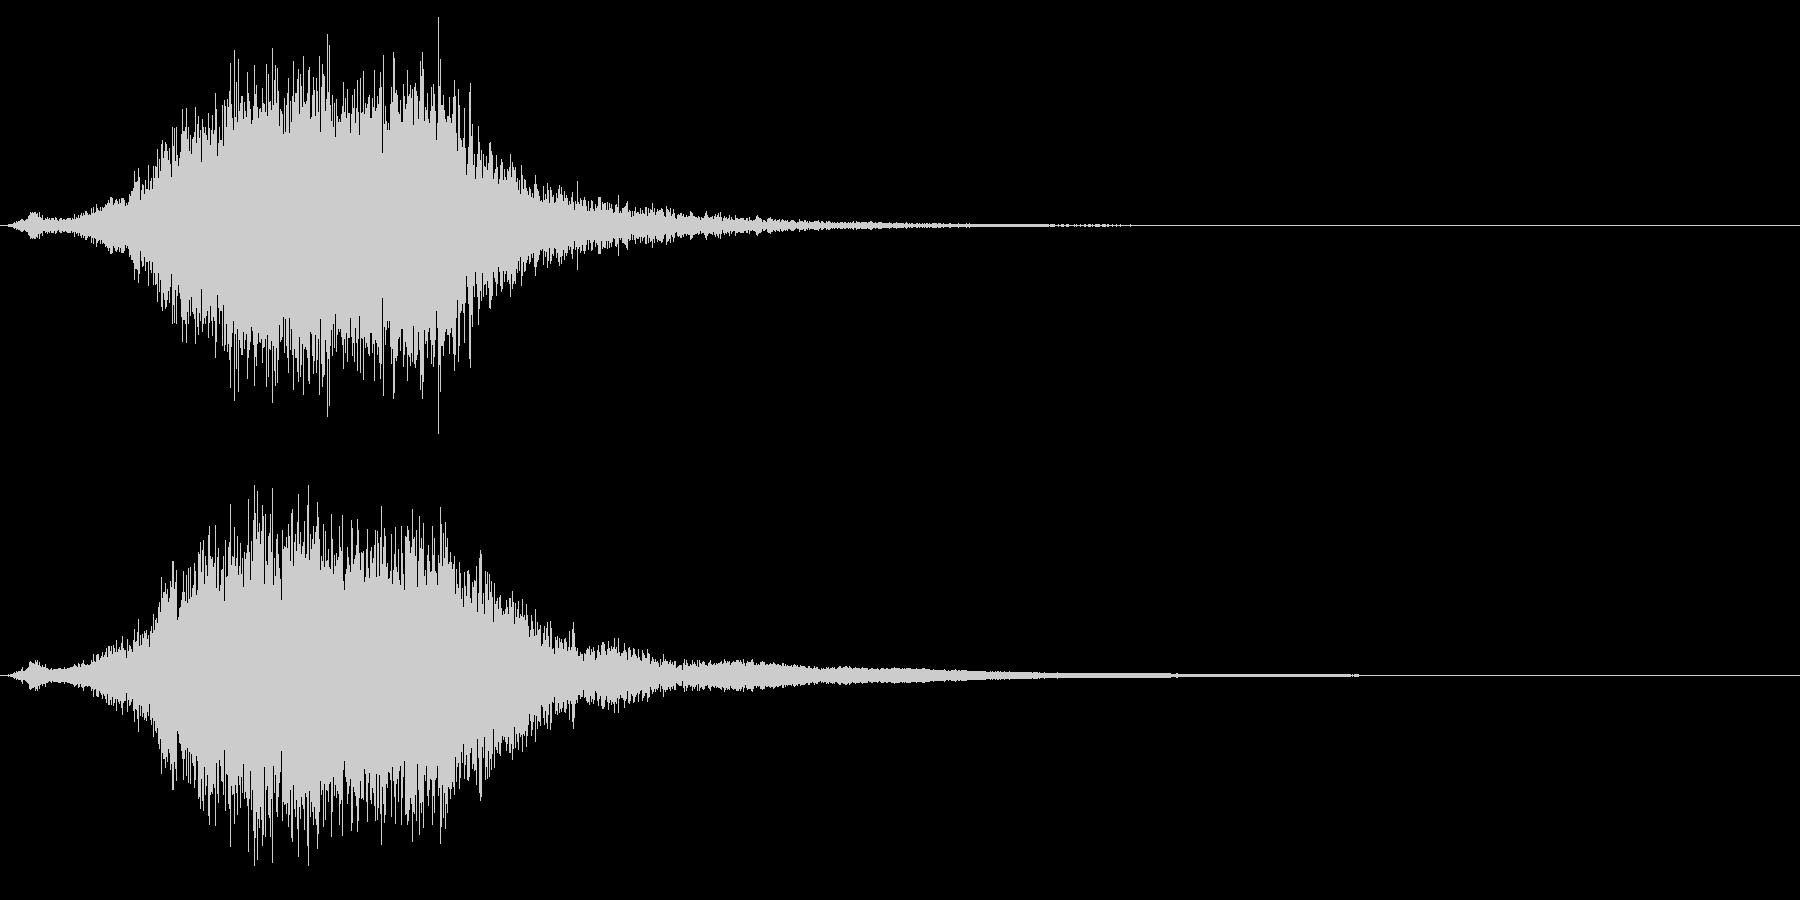 シャキーン☆剣を鞘から抜く音2 リバーブの未再生の波形